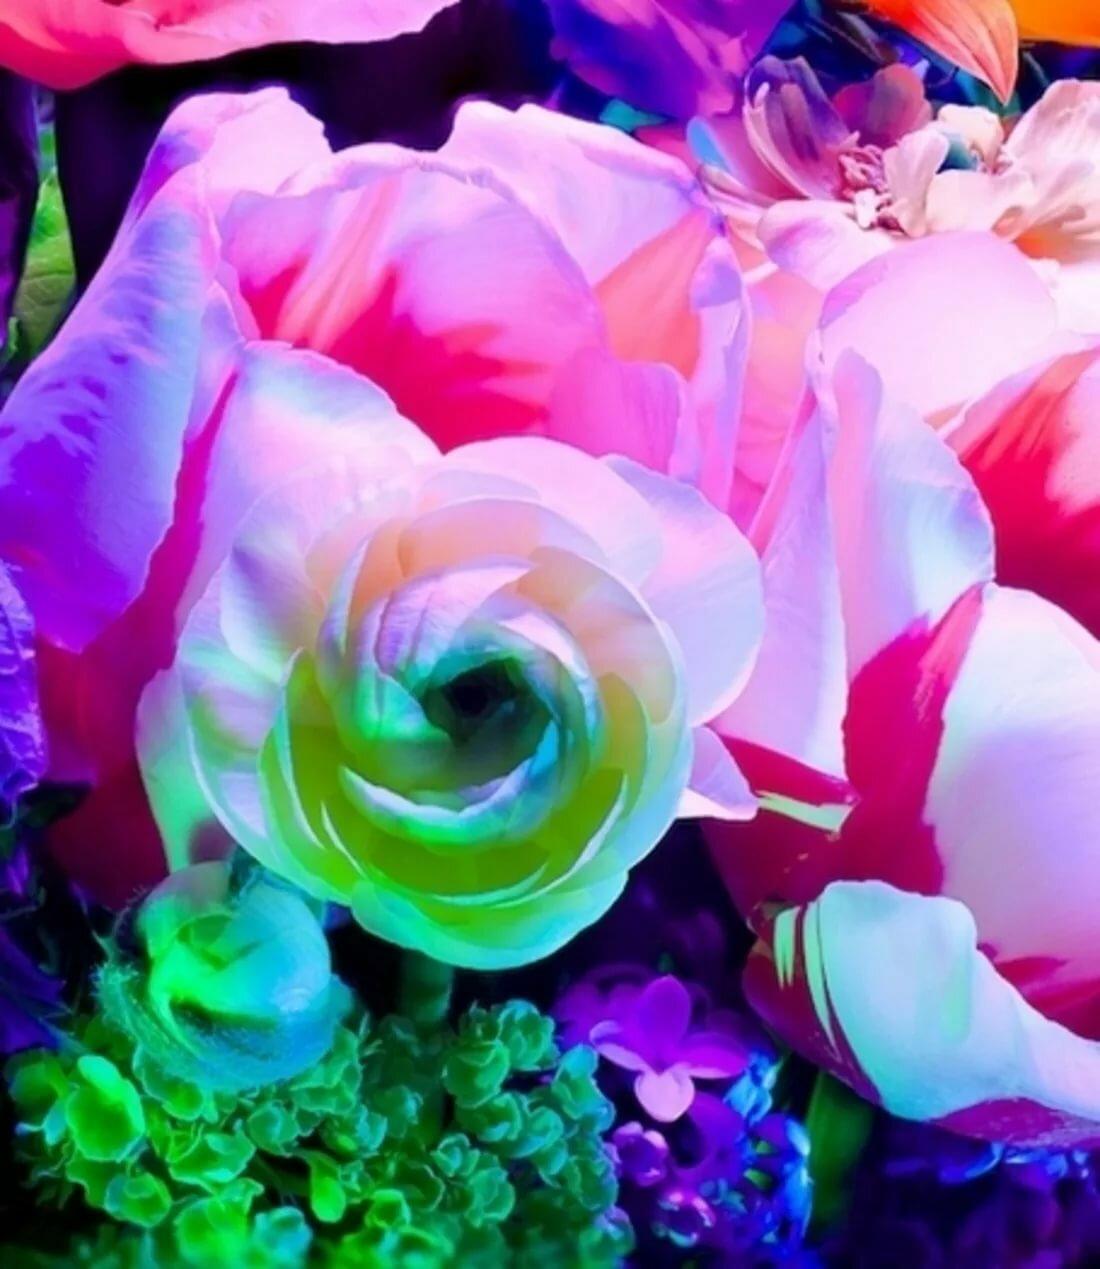 Картинки по цвету для вконтакте